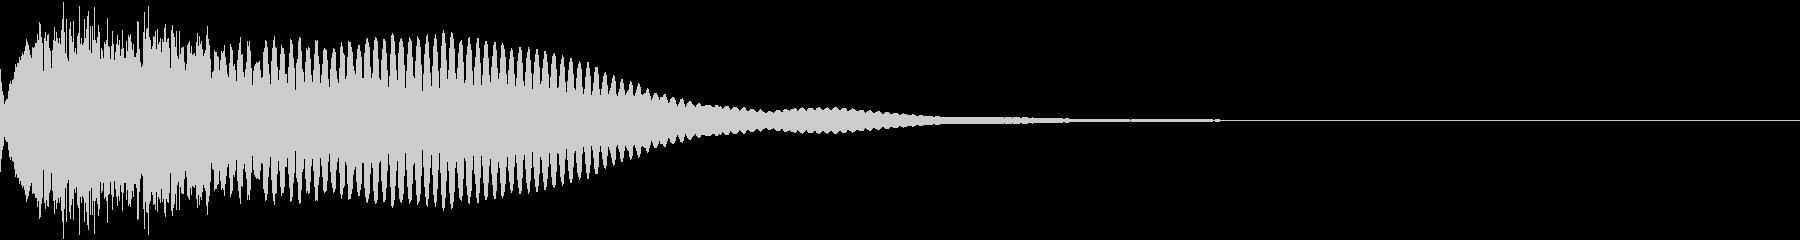 カットイン テロップ 商品 割引 06の未再生の波形